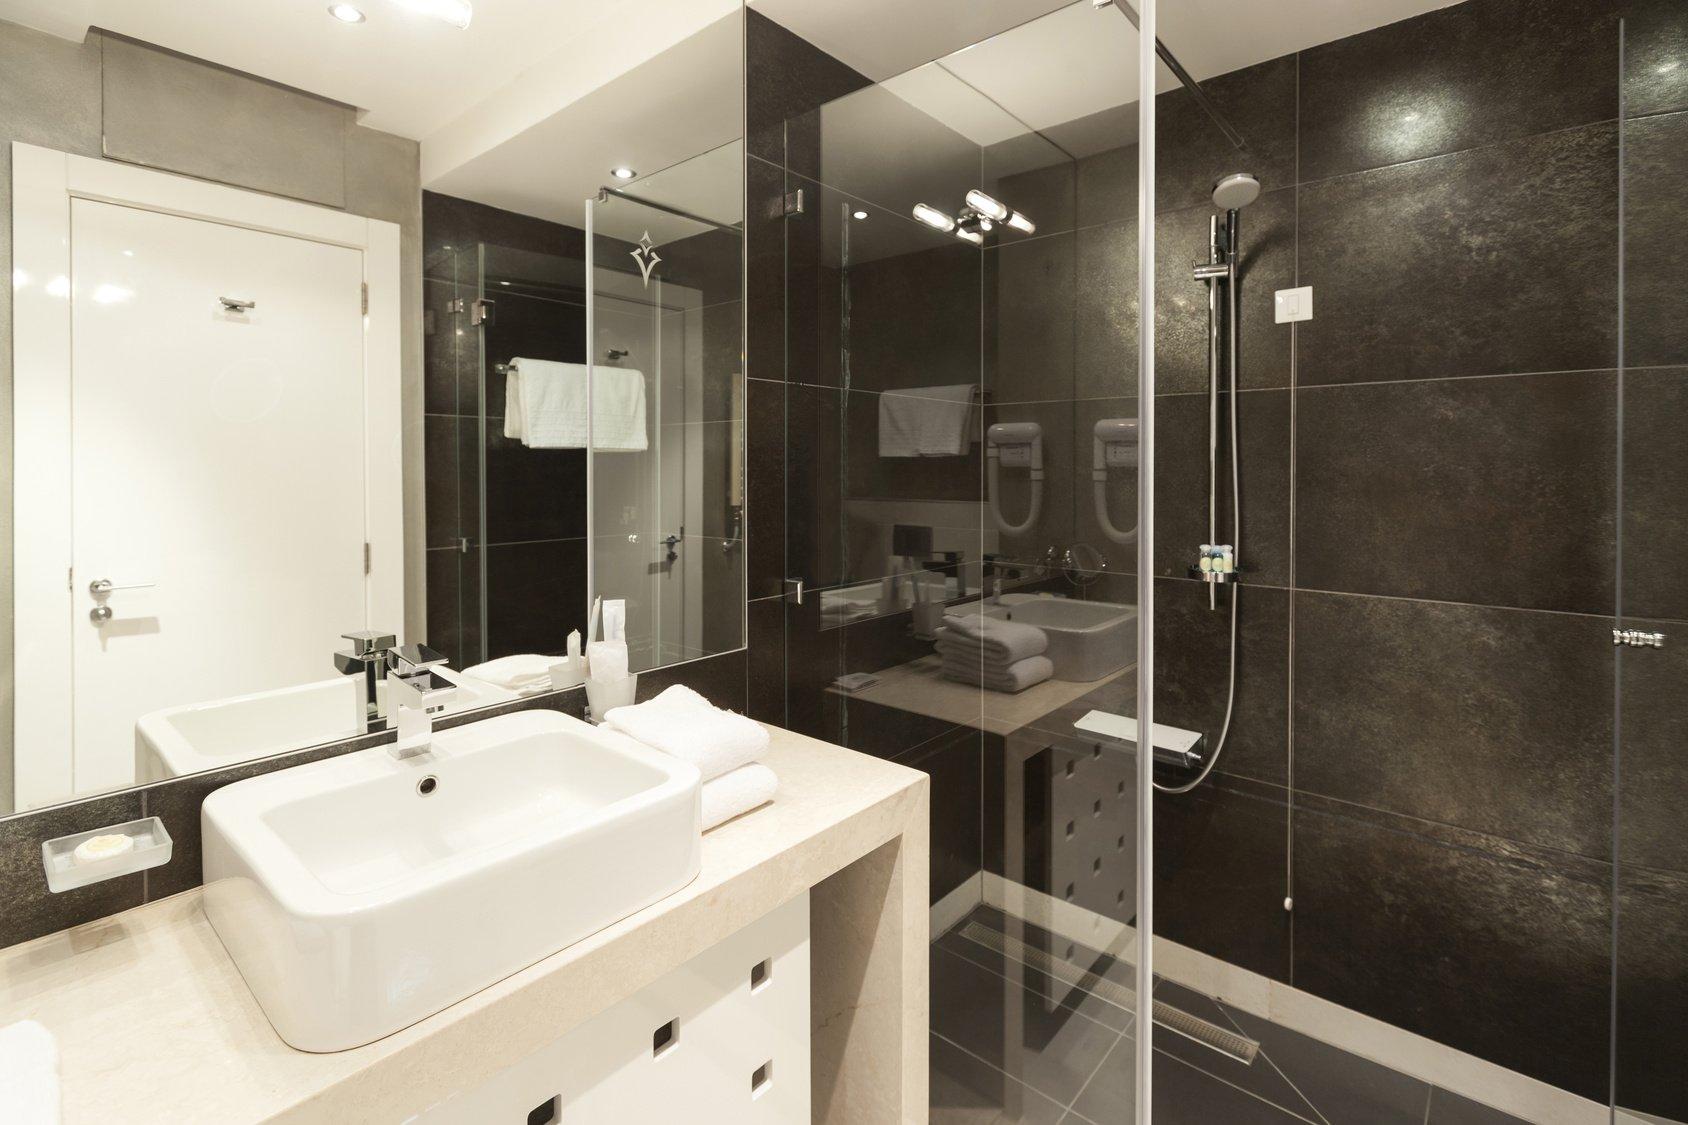 Norme electrique prise de courant salle de bain bois eco - Norme prise de courant salle de bain ...